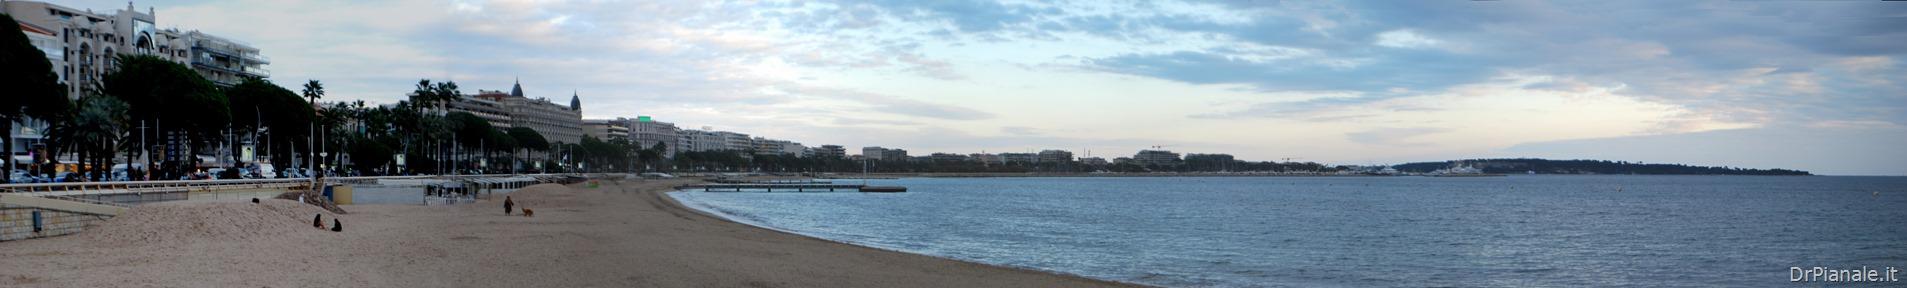 DSC_0303 creazione panorama